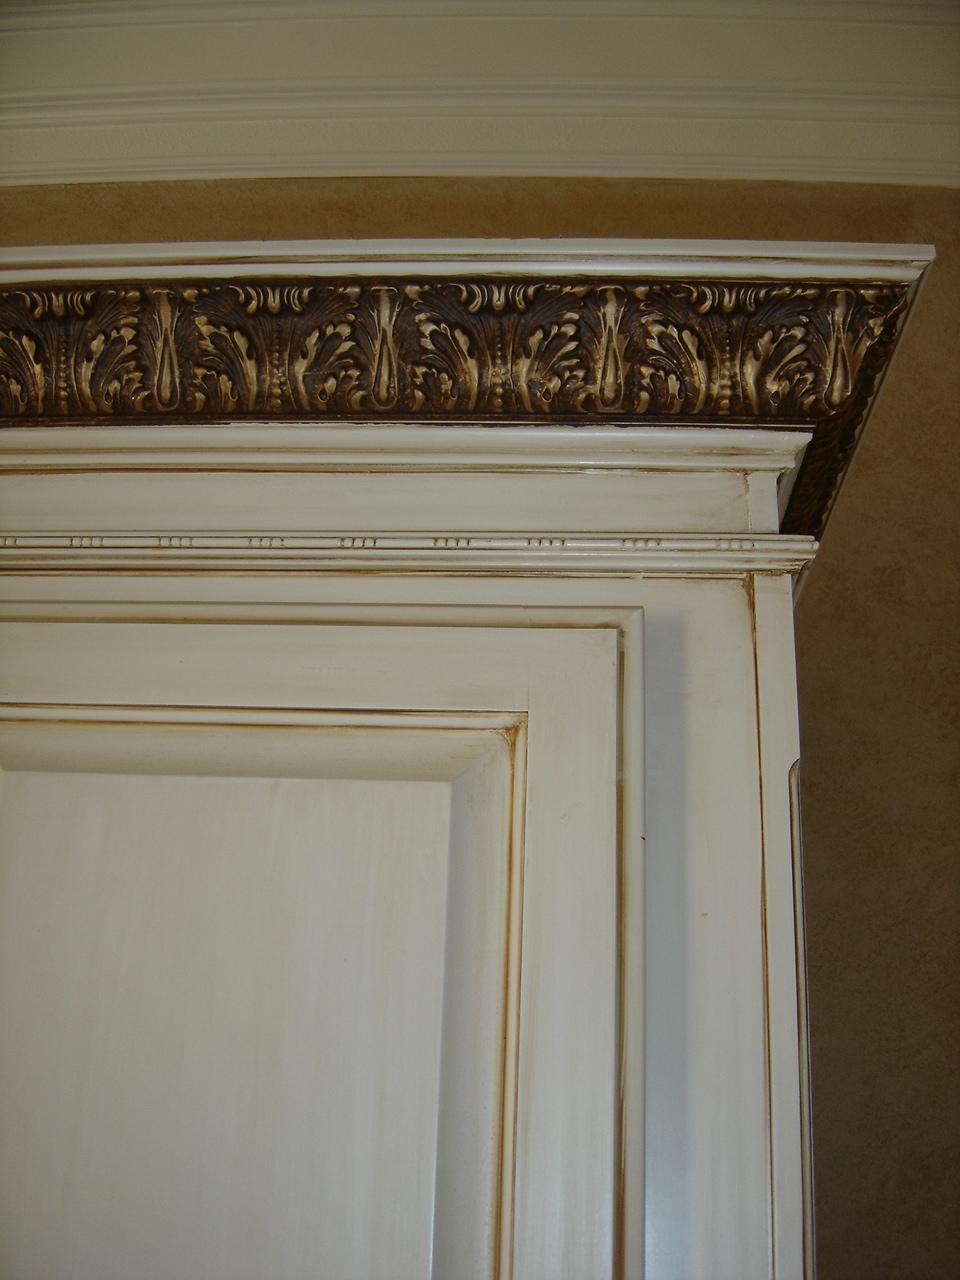 Antiqued Cabinet Glaze